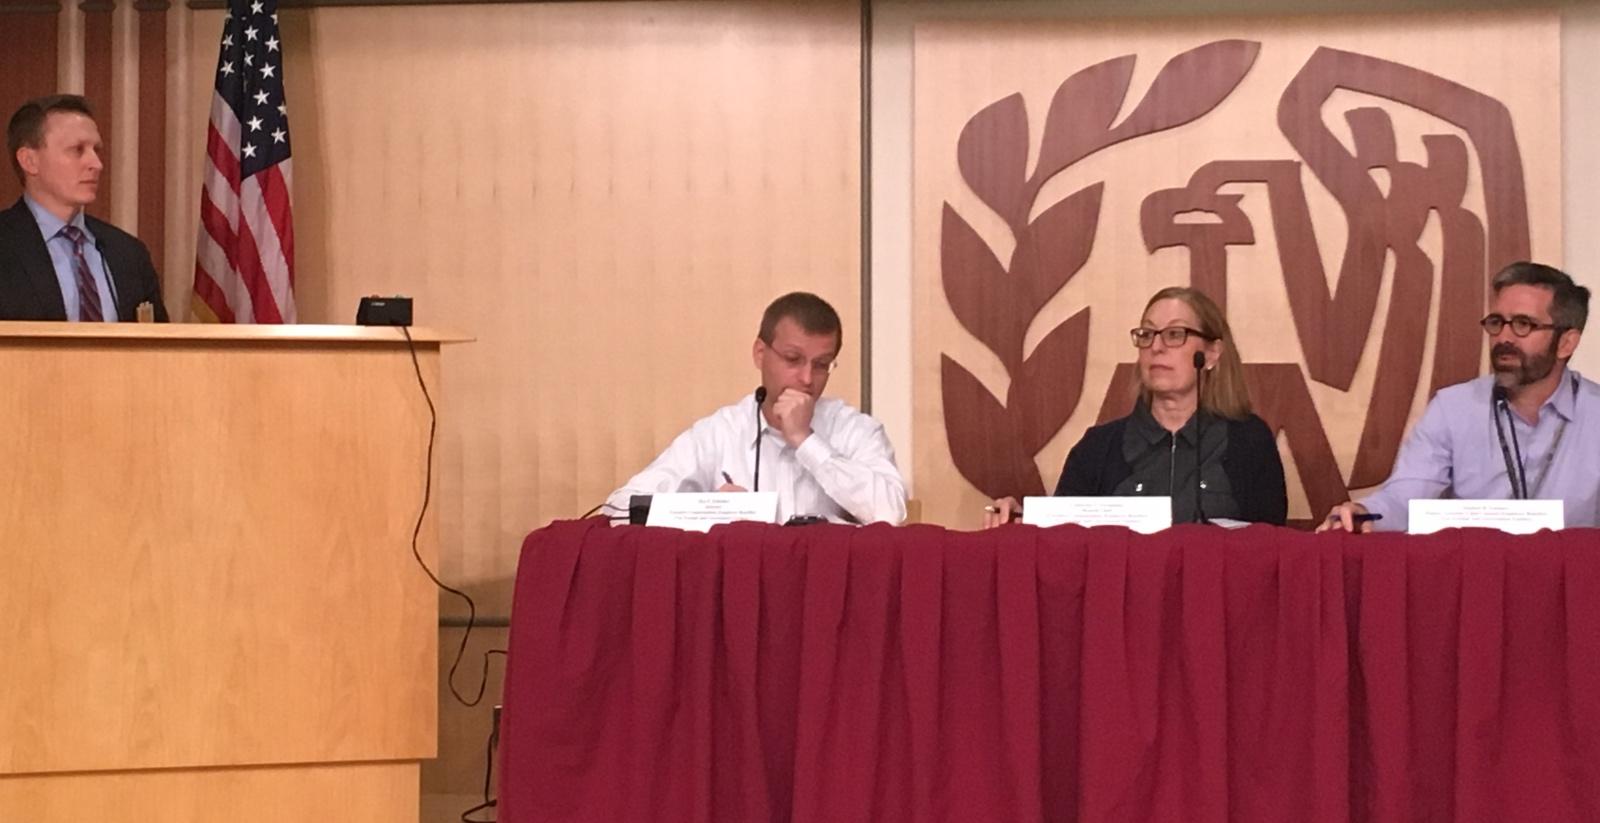 Jim Patterson presenting to IRS panel.(Photo credit: Norma Sharara)